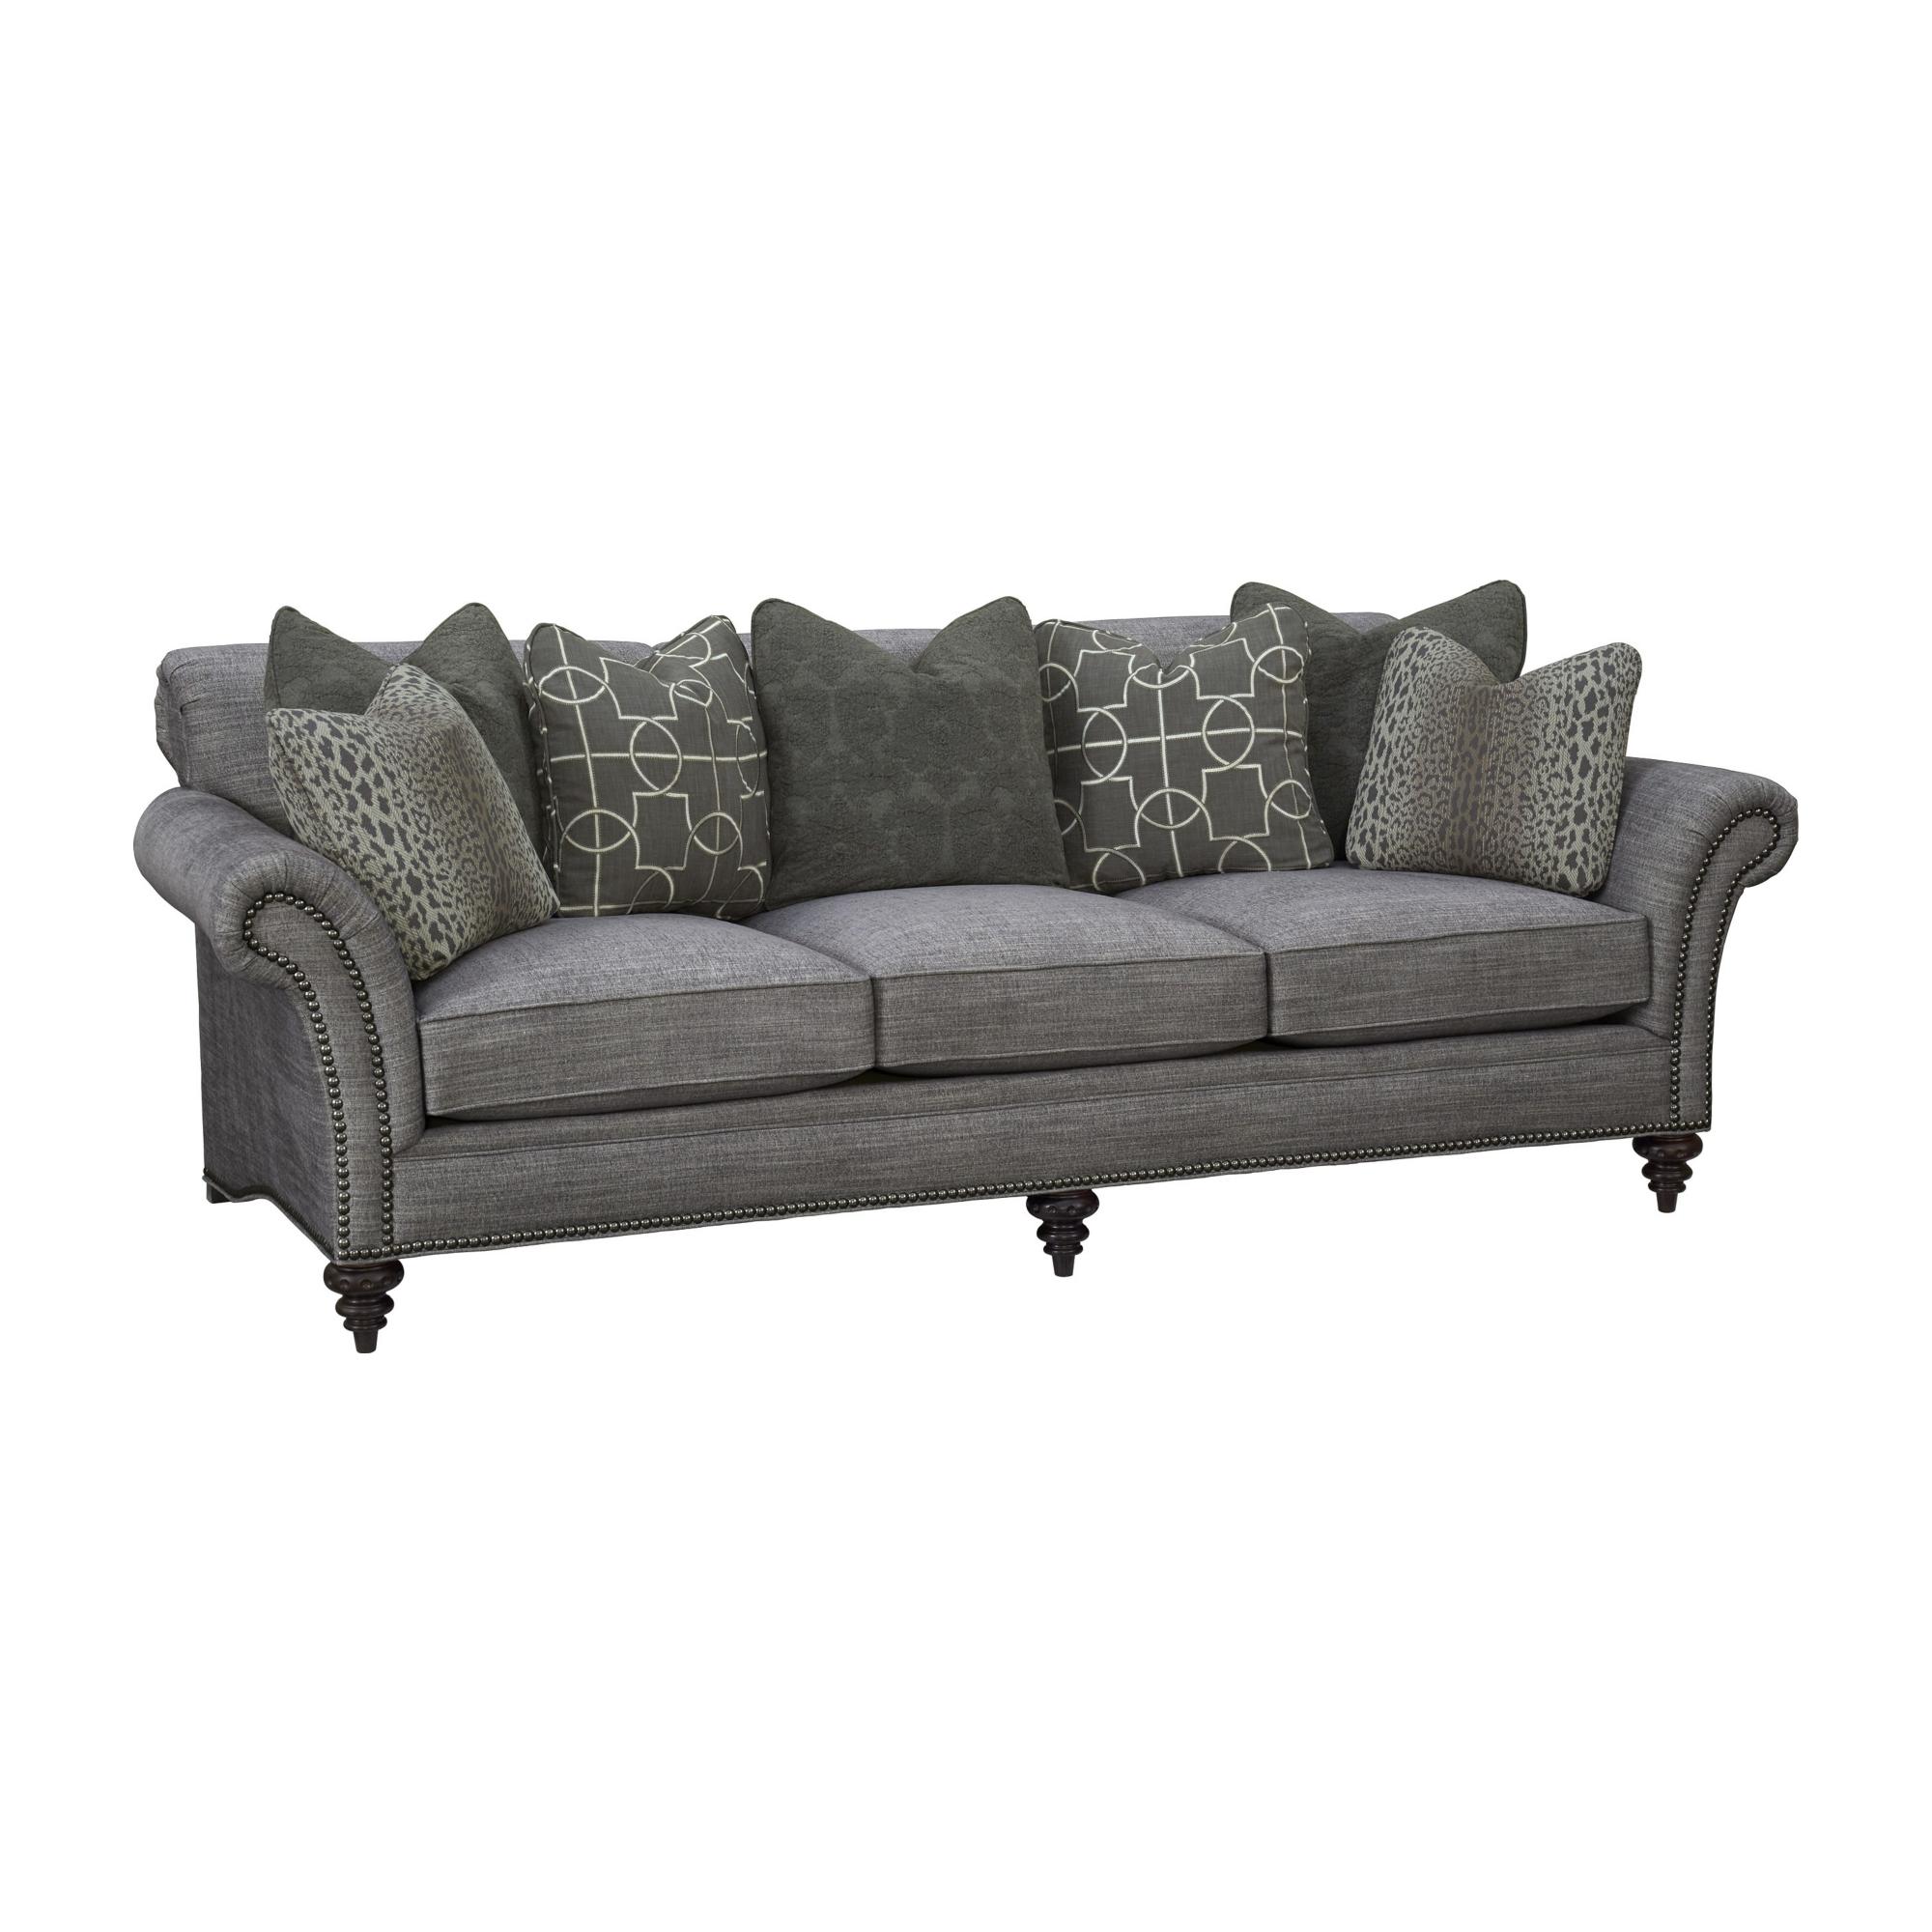 Havertys sofas astoria sofa havertys thesofa for Havertys furniture